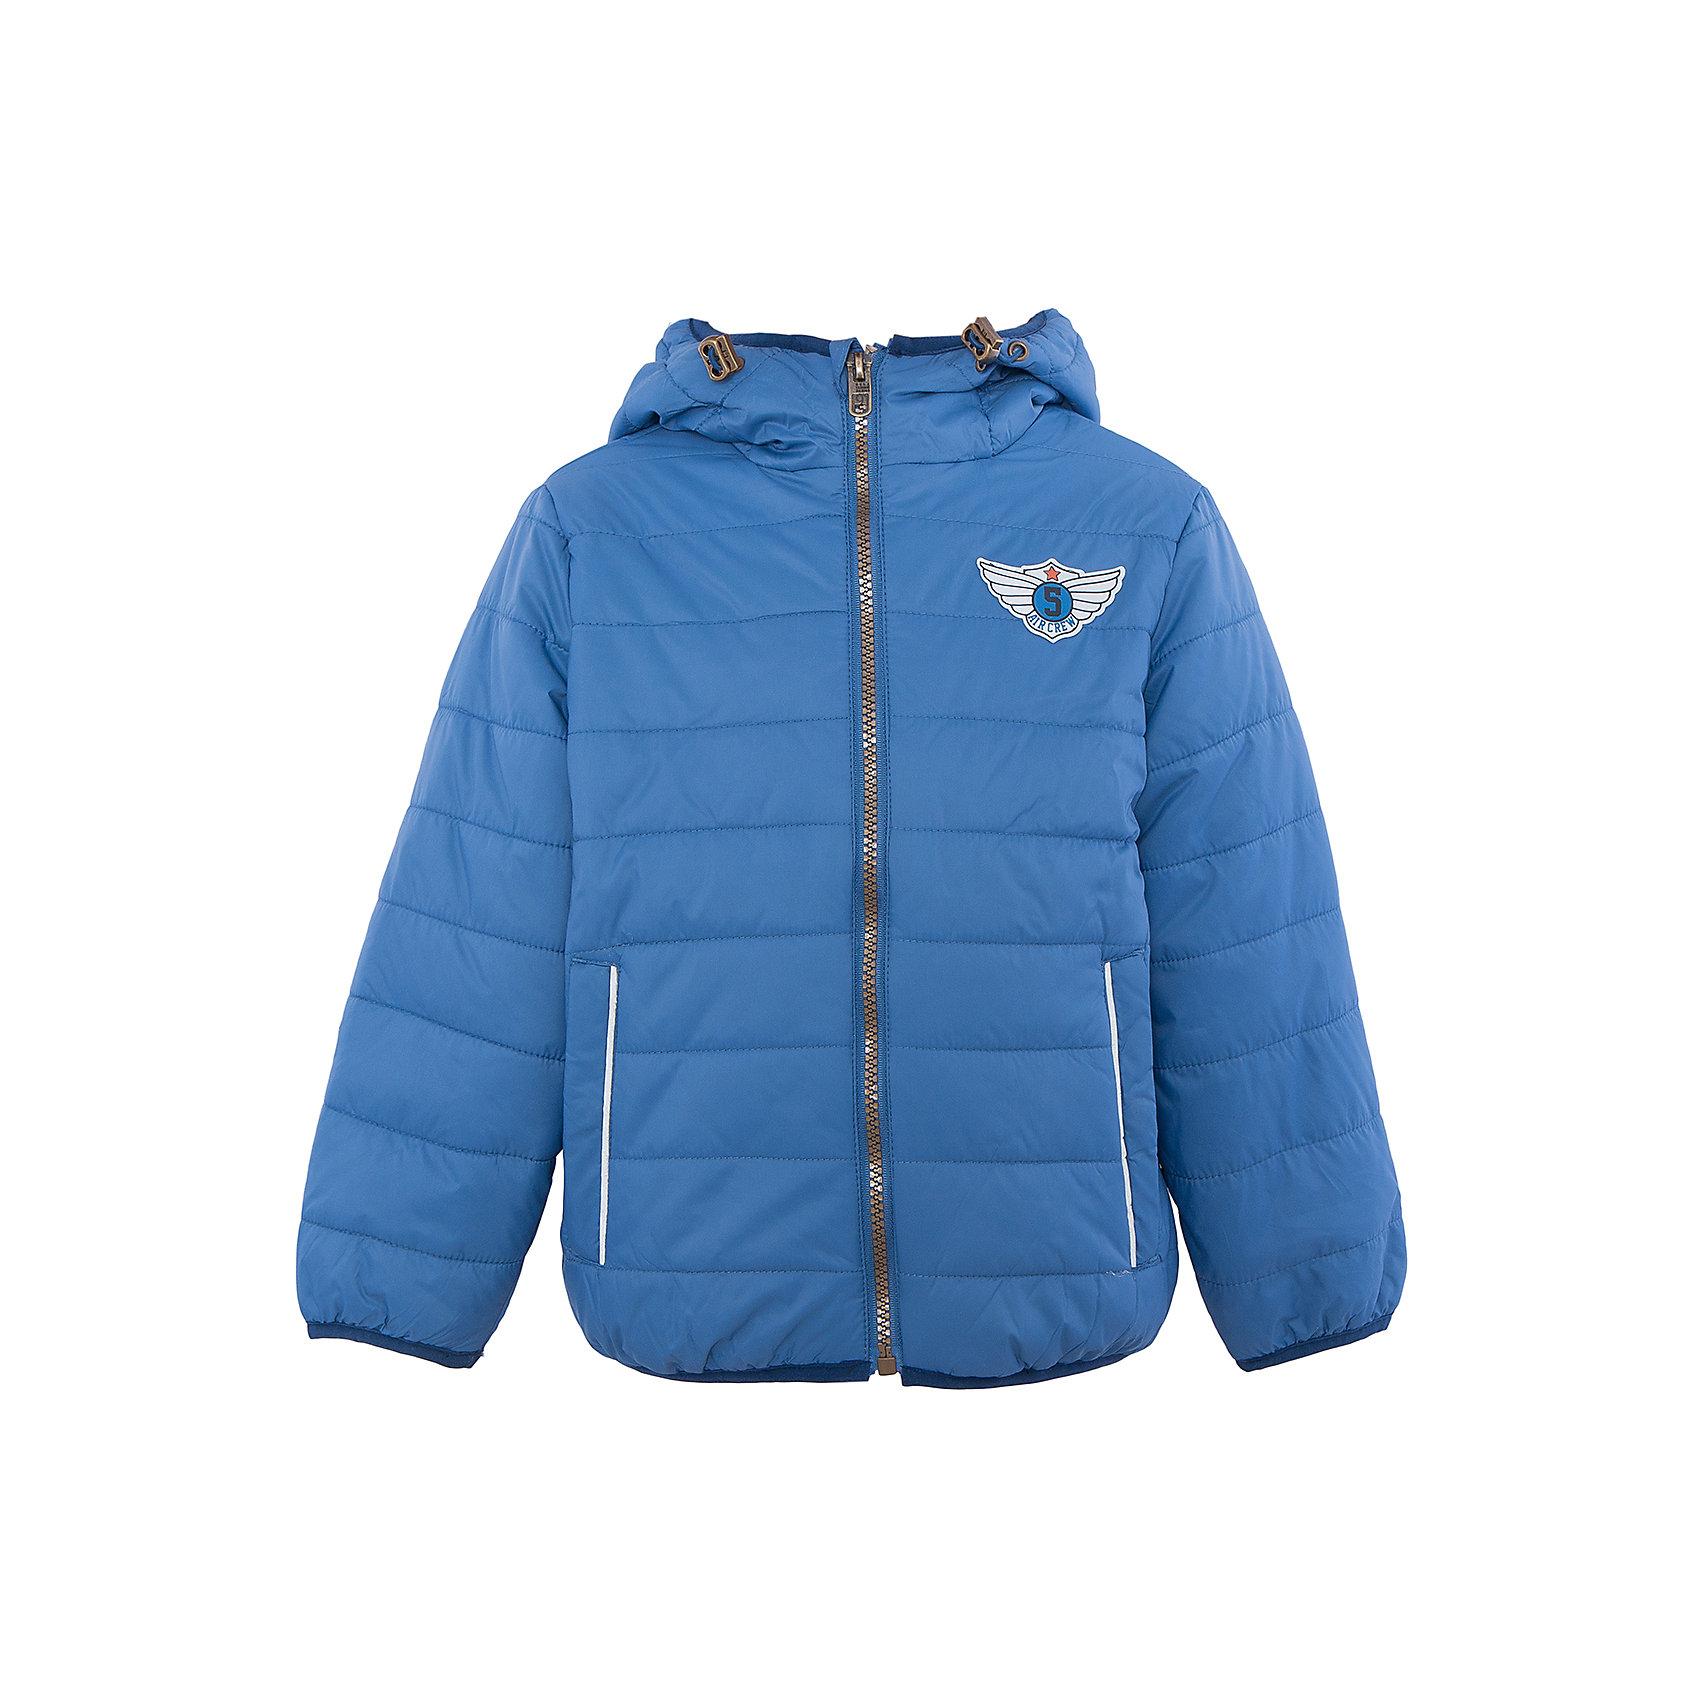 Куртка для мальчика SELAХарактеристики:<br><br>• Вид детской и подростковой одежды: куртка<br>• Пол: для мальчика<br>• Предназначение: повседневная<br>• Сезон: демисезон<br>• Температурный режим: до -5? С<br>• Тематика рисунка: без рисунка<br>• Цвет: синий<br>• Материал: нейлон 100%, подклад – хлопок, 50%, утеплитель – полиэстер, 100%<br>• Силуэт: прямой<br>• Длина куртки: до середины бедра<br>• Капюшон: притачной, с карабинами<br>• Застежка: молния, спереди<br>• Спереди имеются карманы на молнии<br>• Особенности ухода: допускается щадящая стирка и химчистка<br><br>Куртка для мальчика SELA из коллекции детской и подростковой одежды от знаменитого торгового бренда, который производит удобную, комфортную и стильную одежду, предназначенную как для будней, так и для праздников. Куртка выполнена из нейлона, который обладает влагонепроницаемыми и ветрозащитными свойствами. Трикотажный подклад обеспечивает поддержание комфортной температуры. Длина куртки – средняя, что защищает спину от продувания. Спереди имеется застежка на молнии и два кармана. Притачной капюшон с регулируемой шириной и трикотажная окантовка изделия создают стильный дизайн. Стеганая курточка выполнена в цвете светлый деним. <br><br>Куртку для мальчика SELA можно купить в нашем интернет-магазине.<br><br>Ширина мм: 356<br>Глубина мм: 10<br>Высота мм: 245<br>Вес г: 519<br>Цвет: голубой<br>Возраст от месяцев: 60<br>Возраст до месяцев: 72<br>Пол: Мужской<br>Возраст: Детский<br>Размер: 116,98,104,110<br>SKU: 5305123